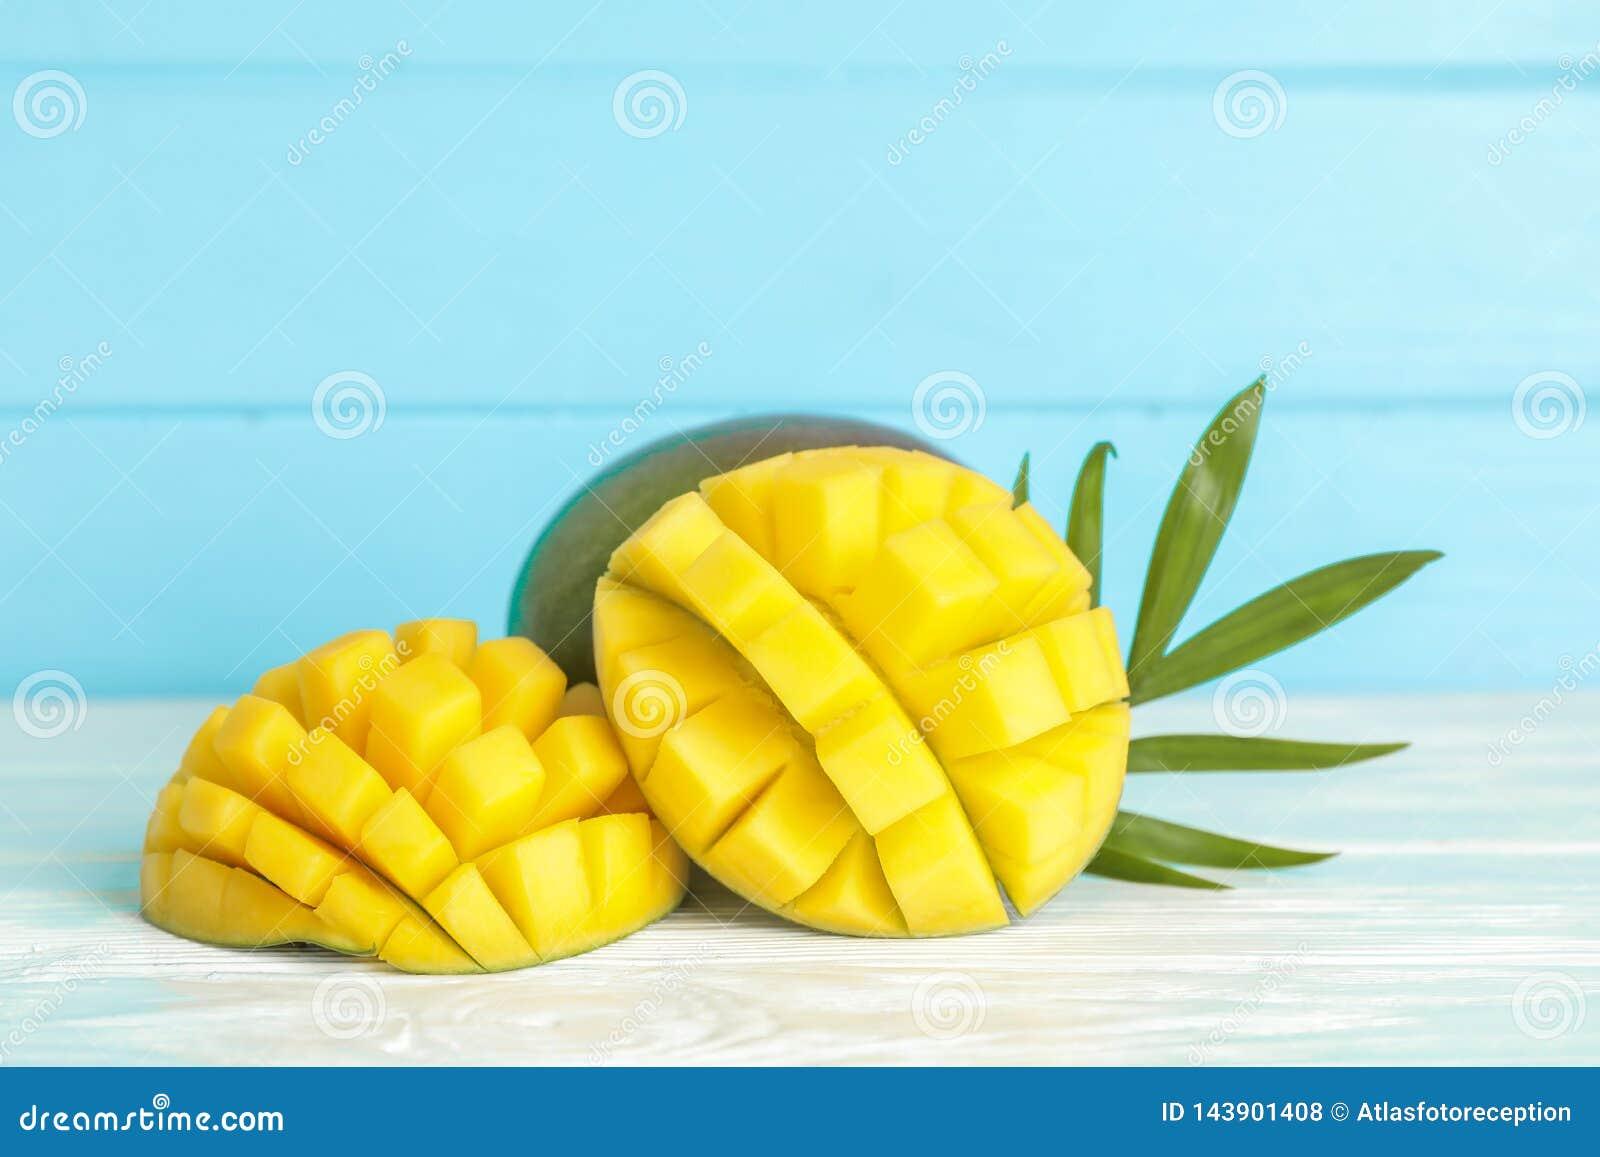 Manghi e foglia di palma maturi tagliati sulla tavola bianca contro il fondo di colore